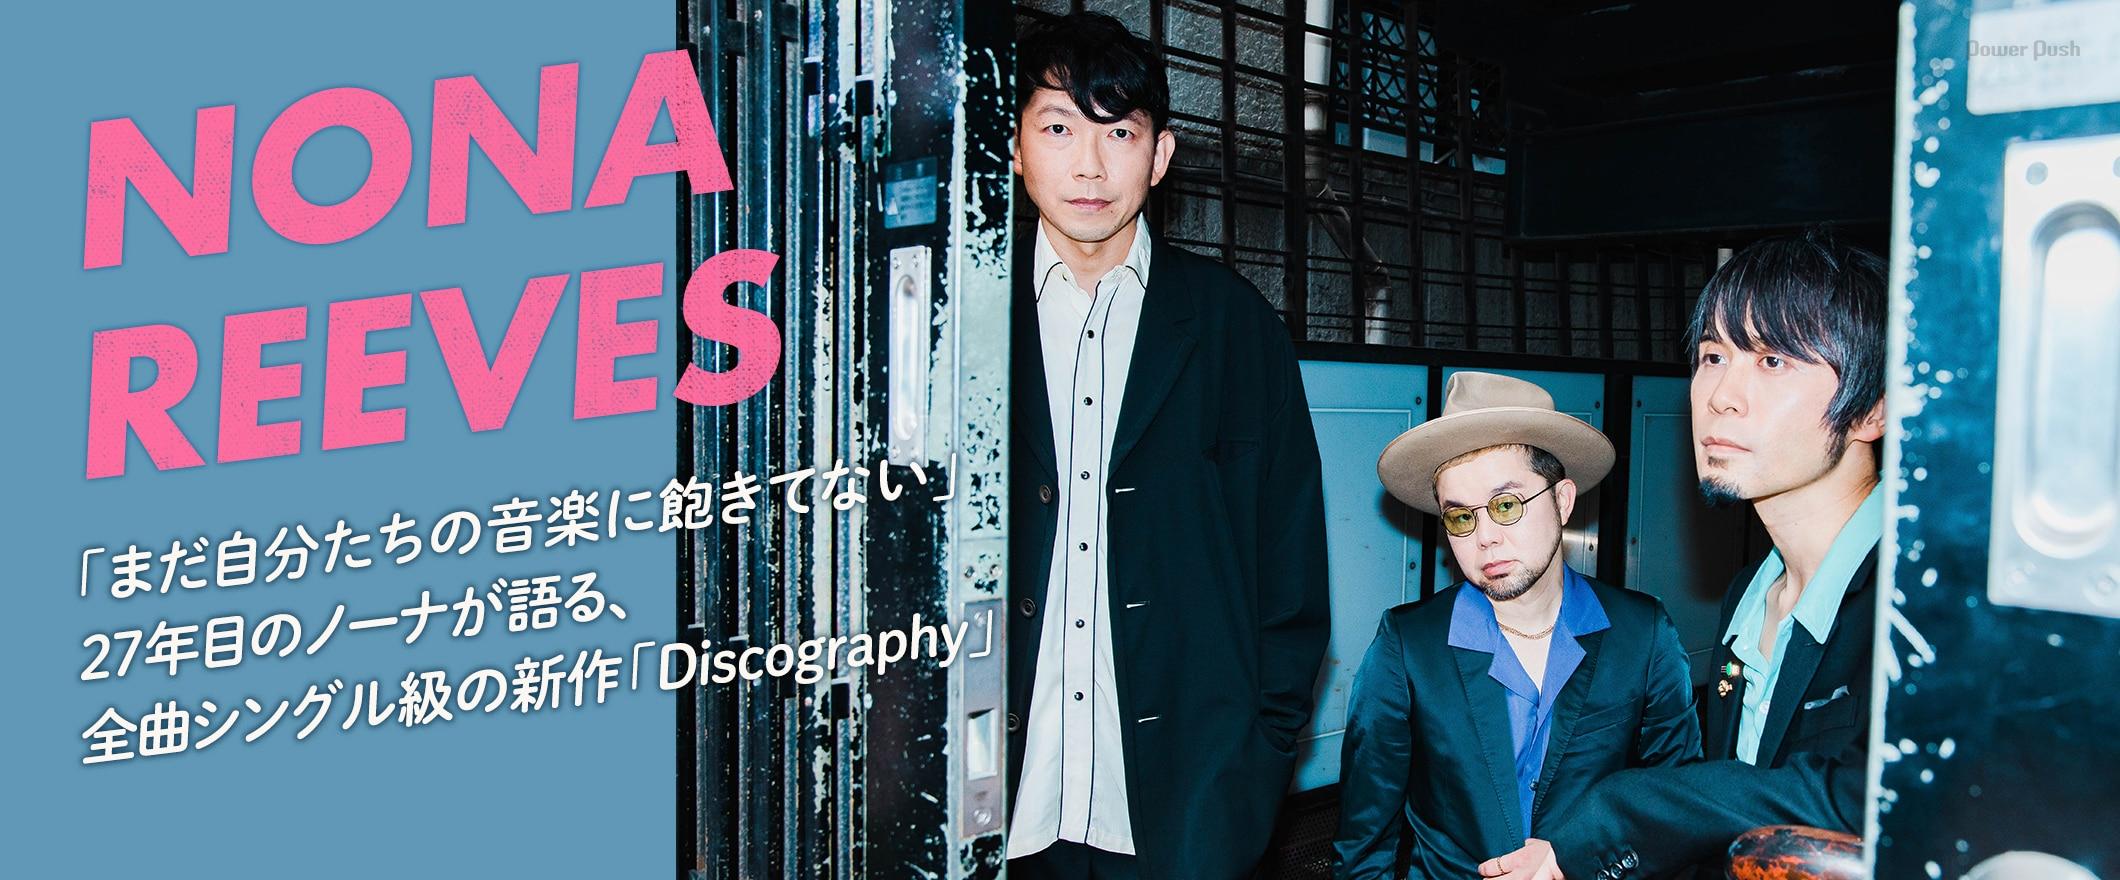 NONA REEVES 「まだ自分たちの音楽に飽きてない」27年目のノーナが語る、全曲シングル級の新作「Discography」